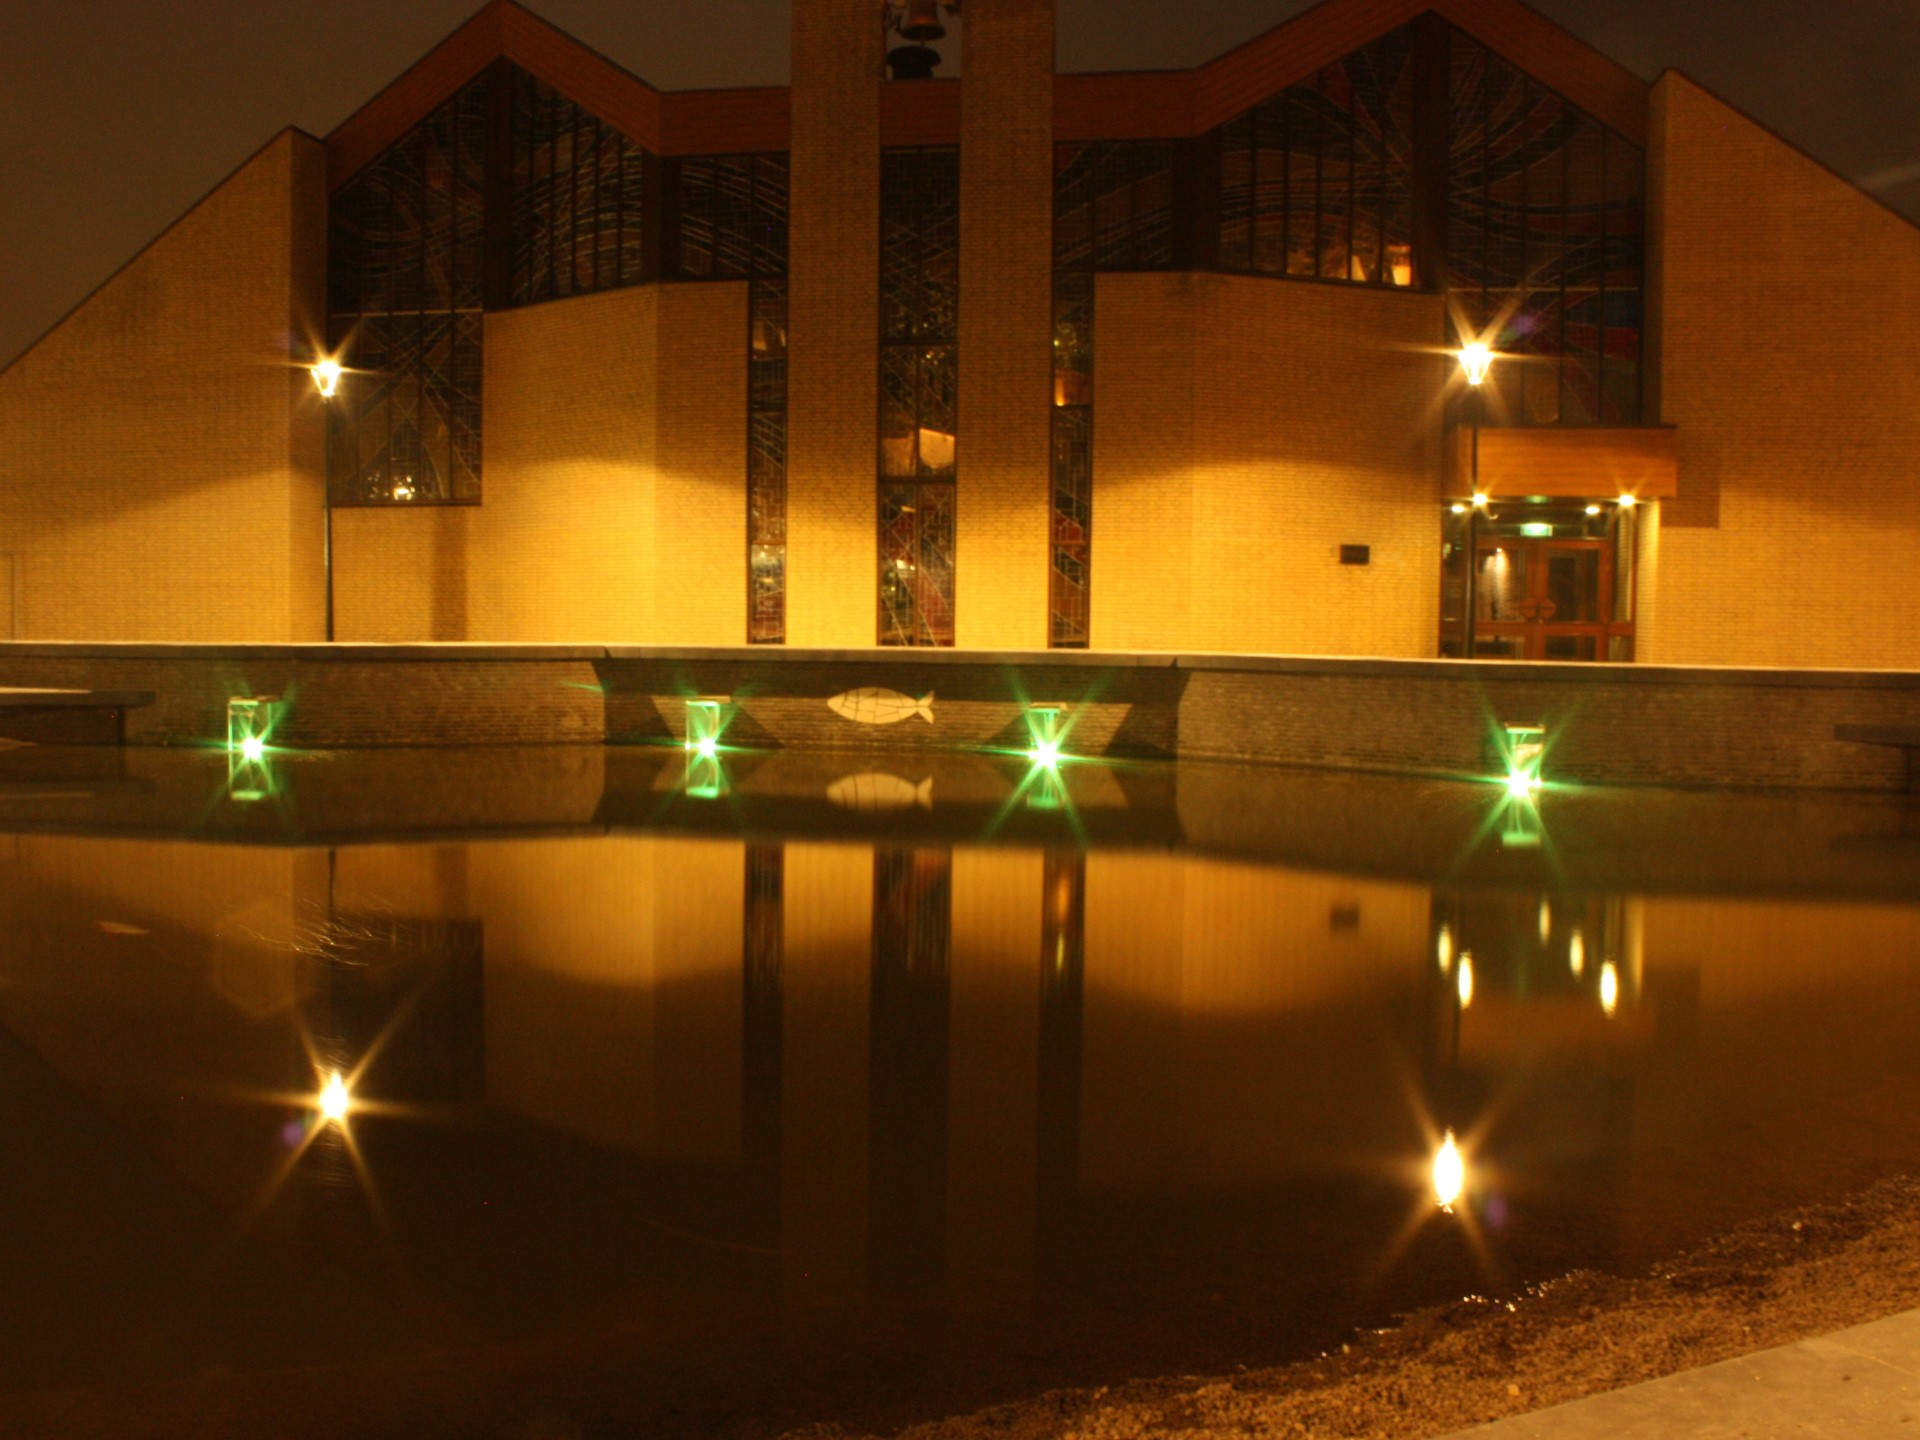 vaste fonteinen - Fontis - 23